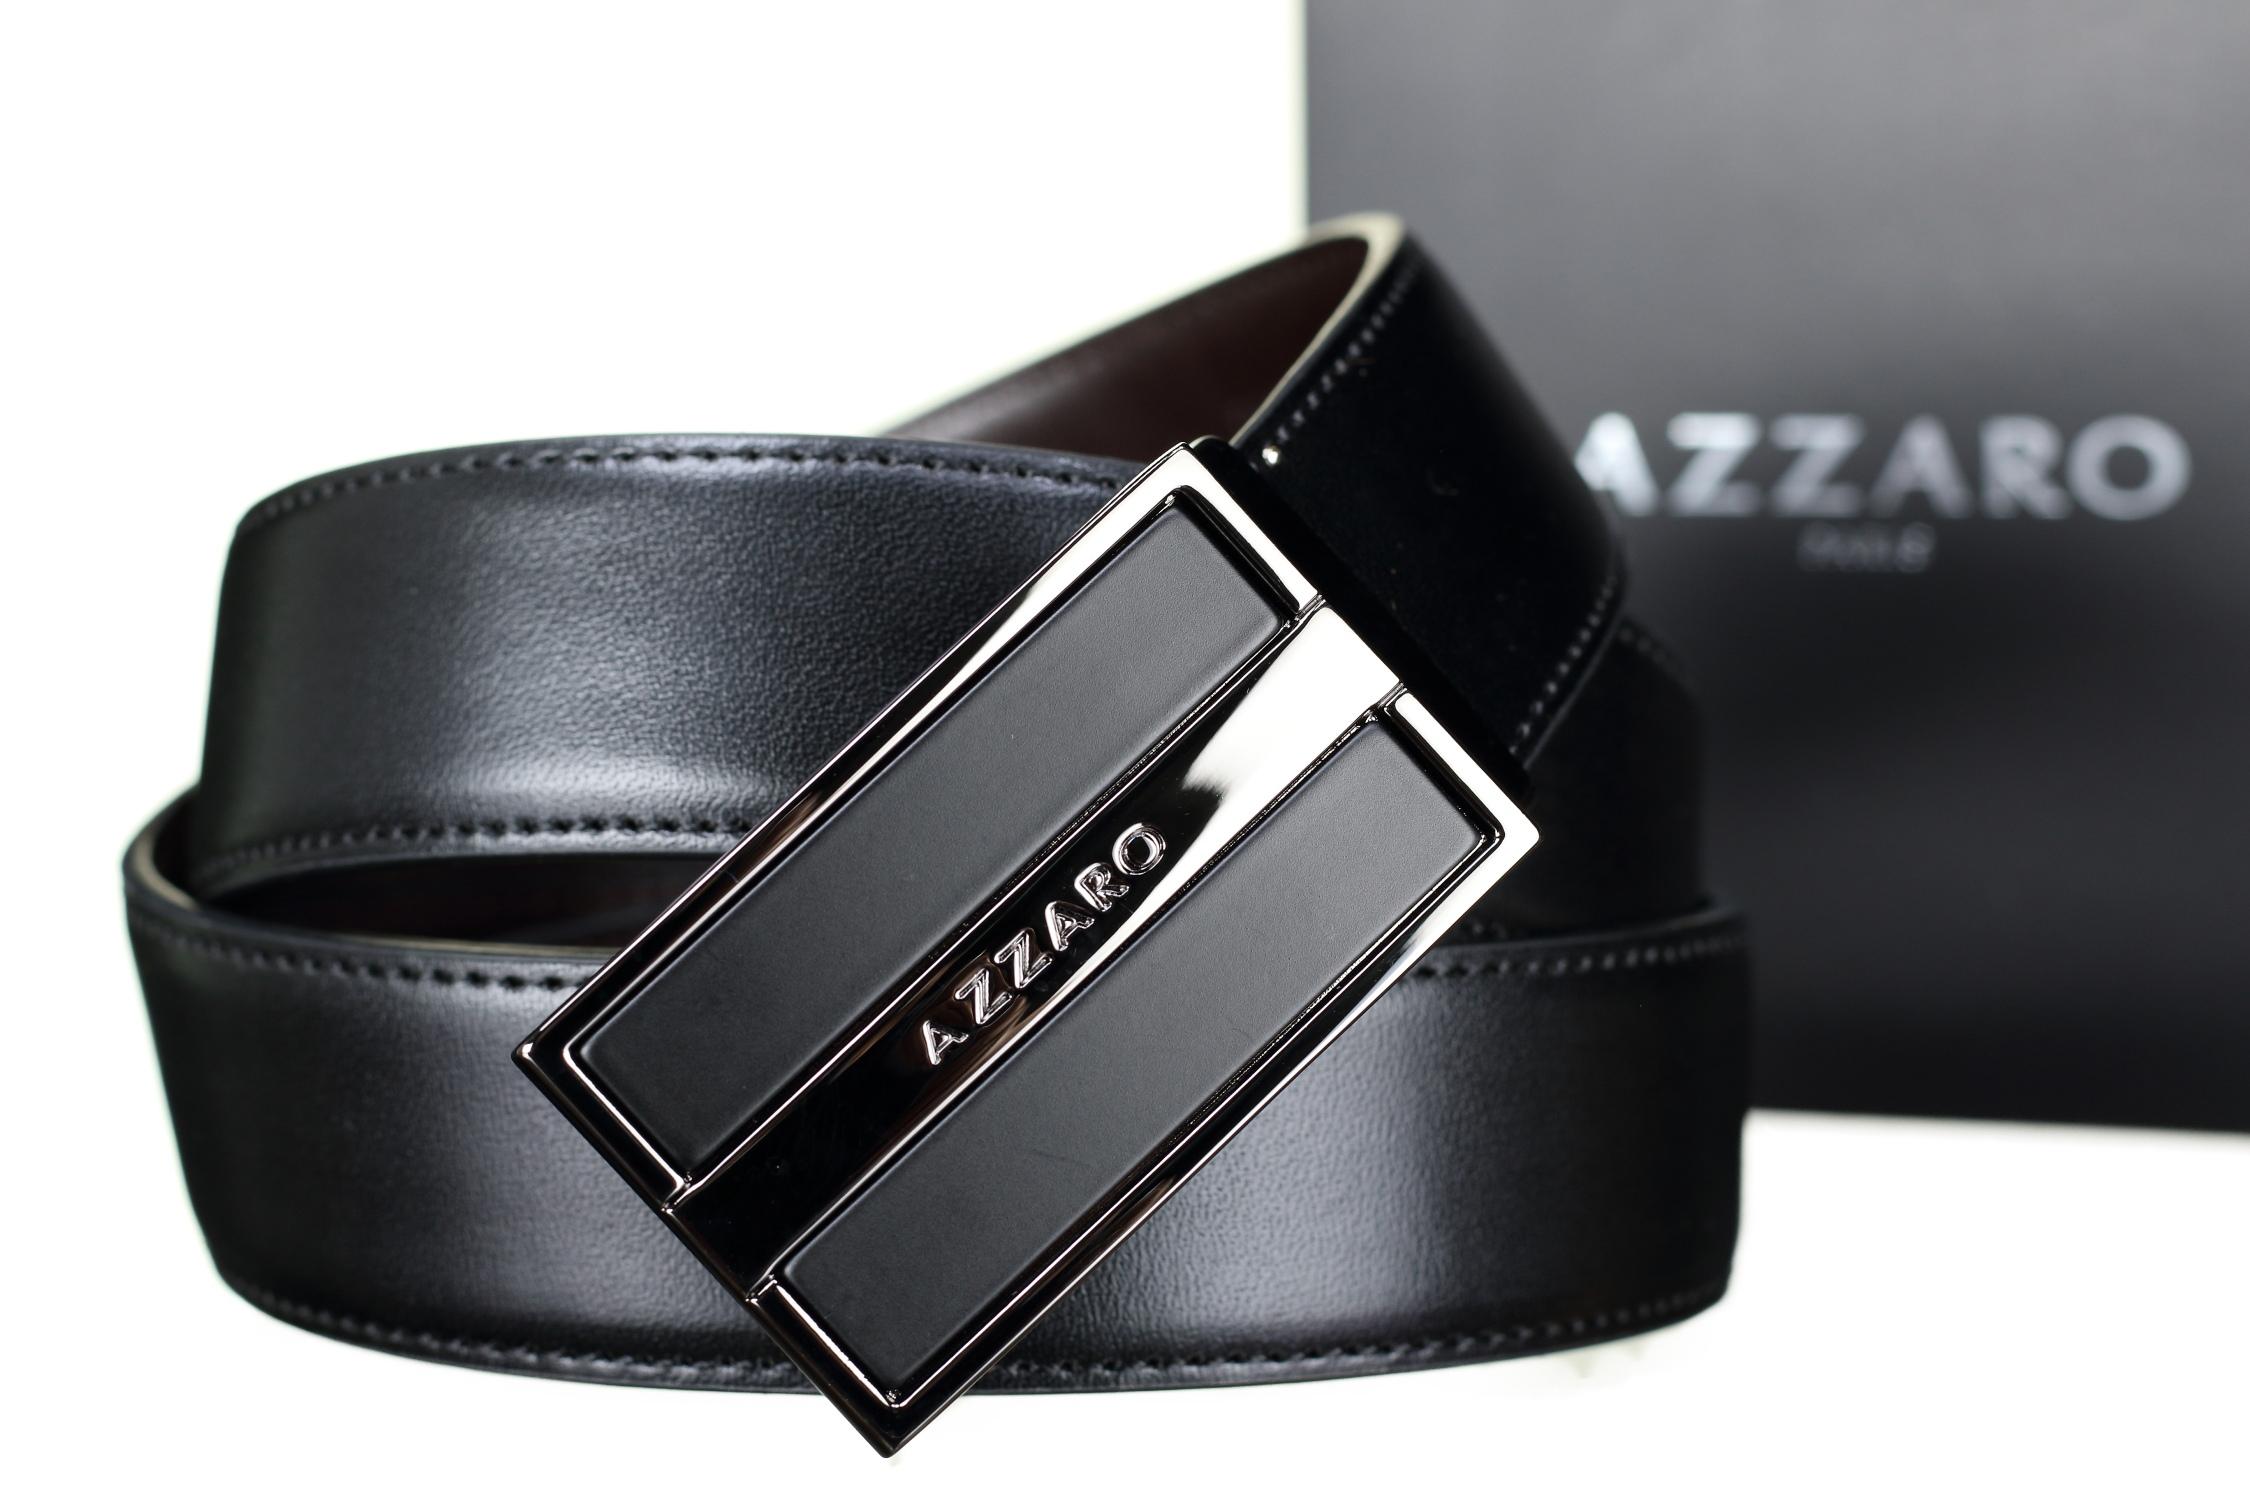 https://www.leadermode.com/160396/azzaro-21240-noir-marron.jpg